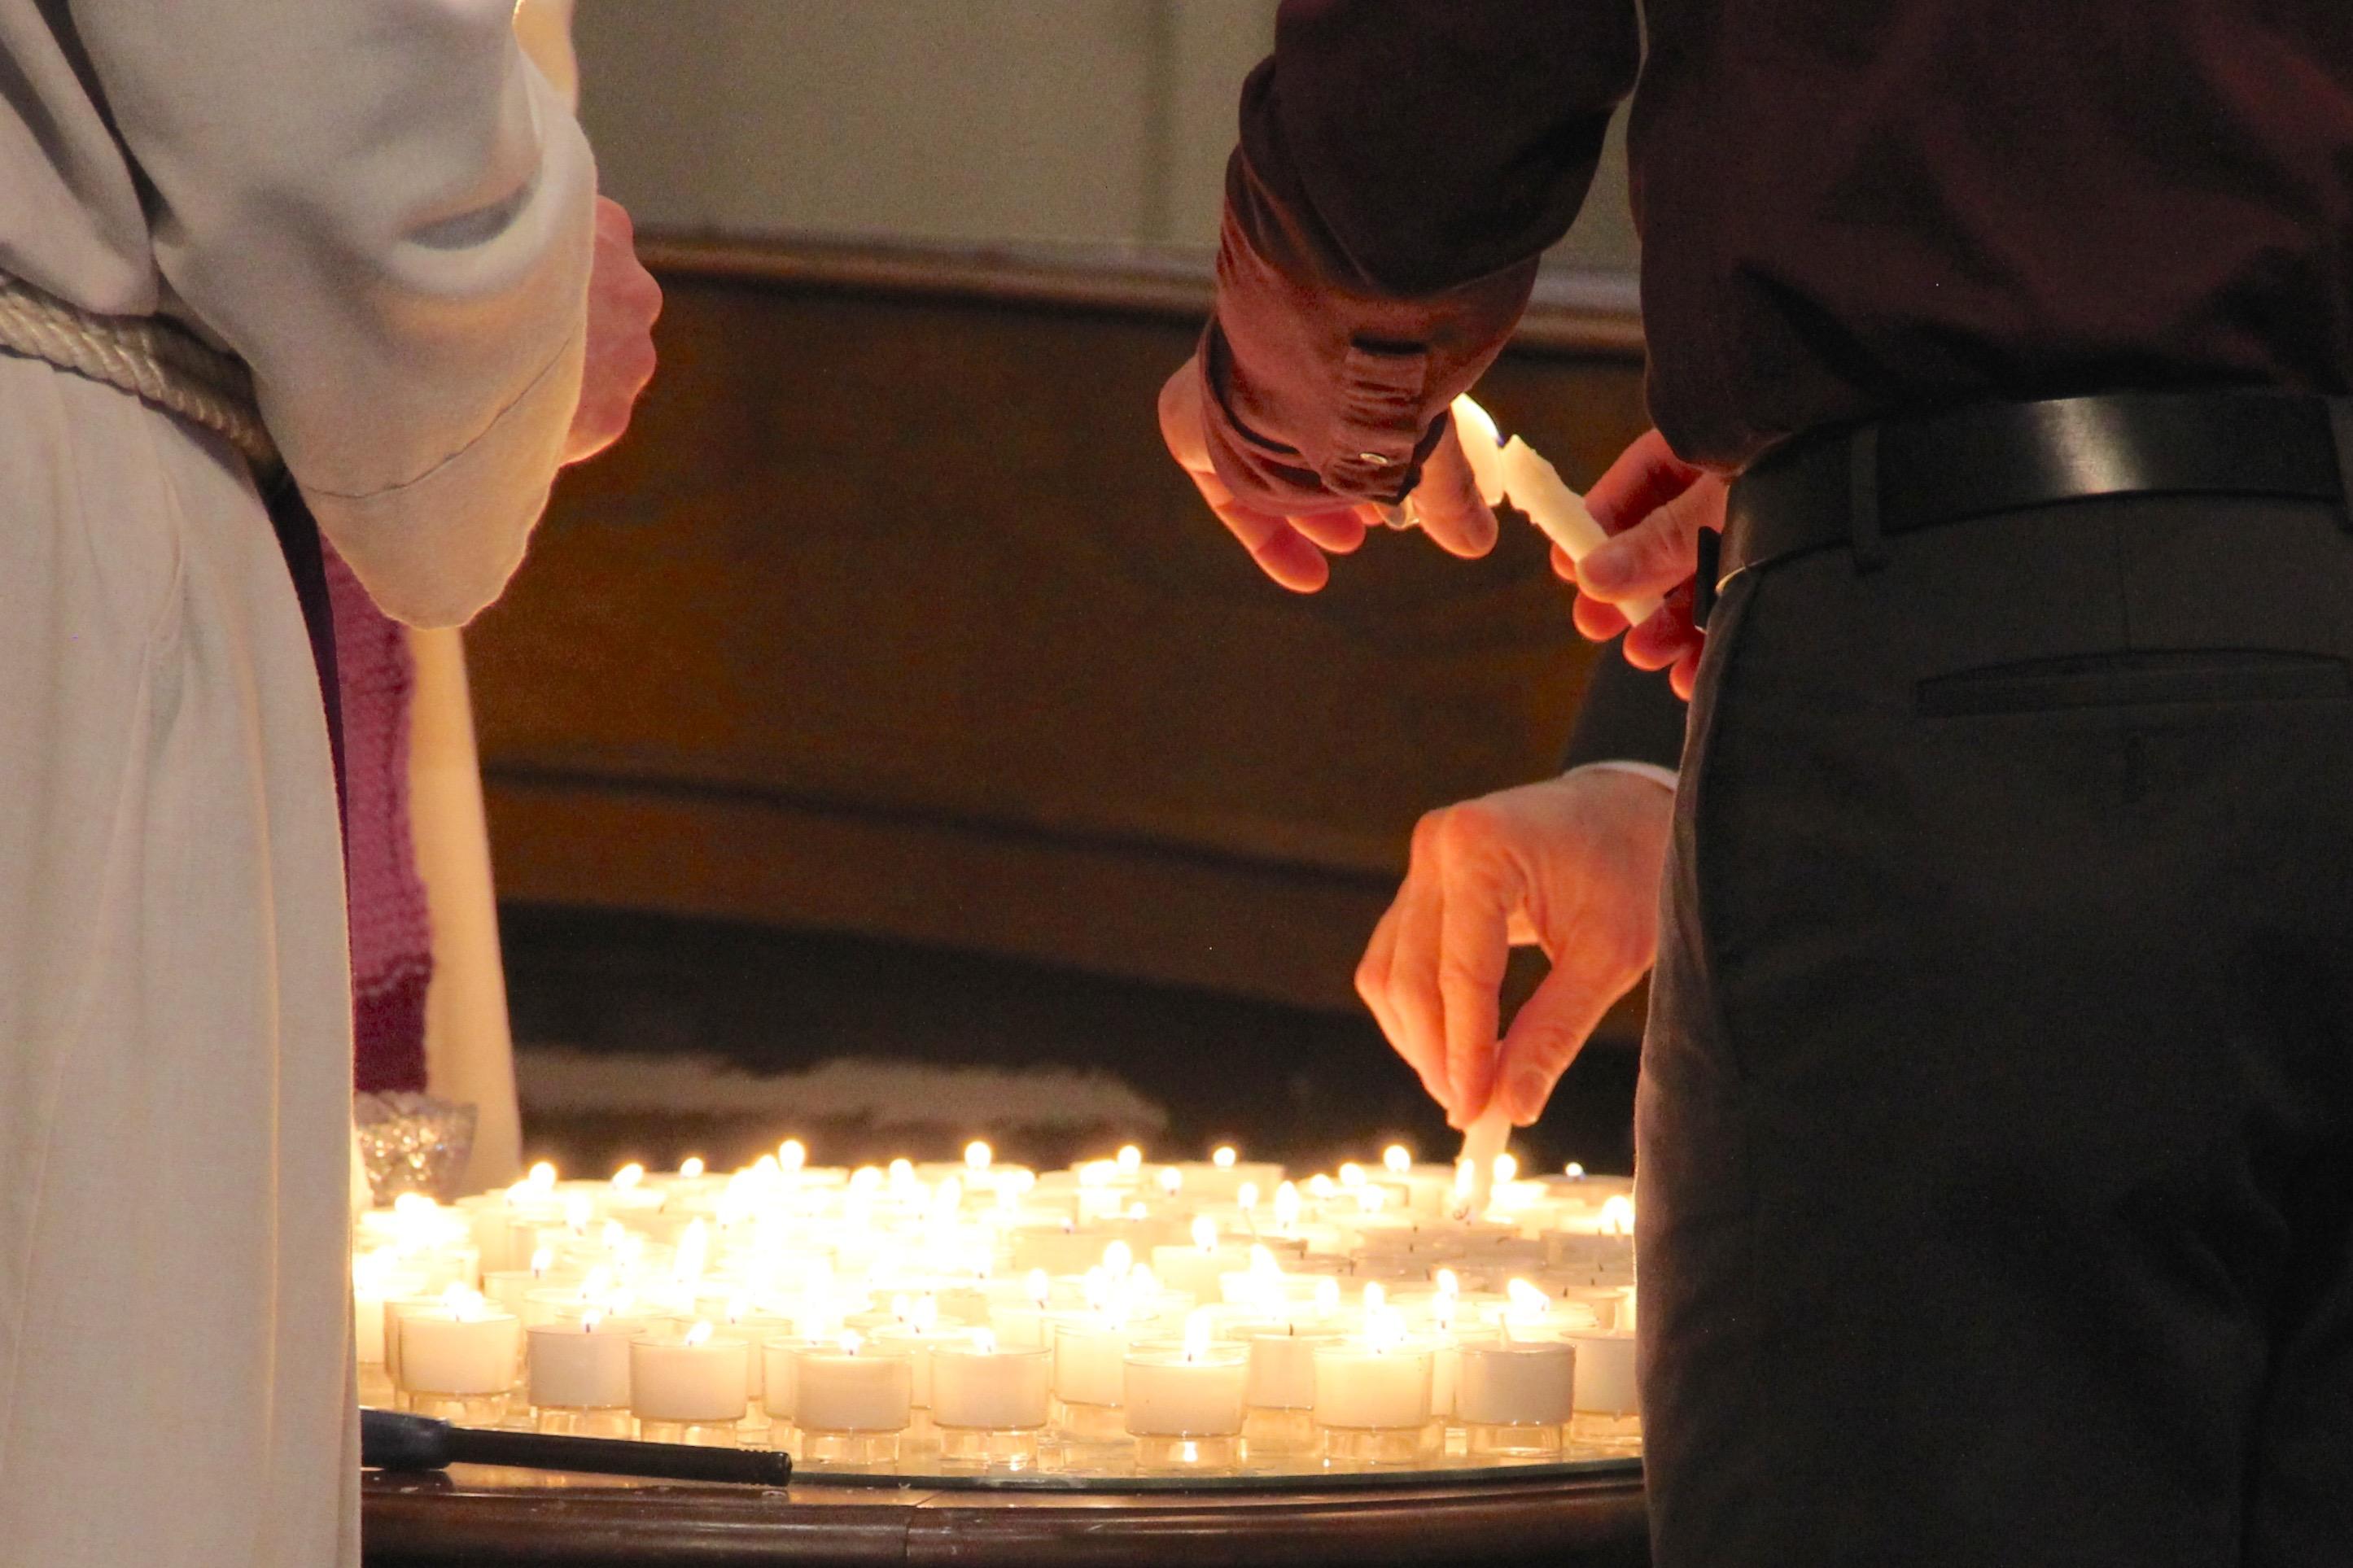 Lenten prayer candles